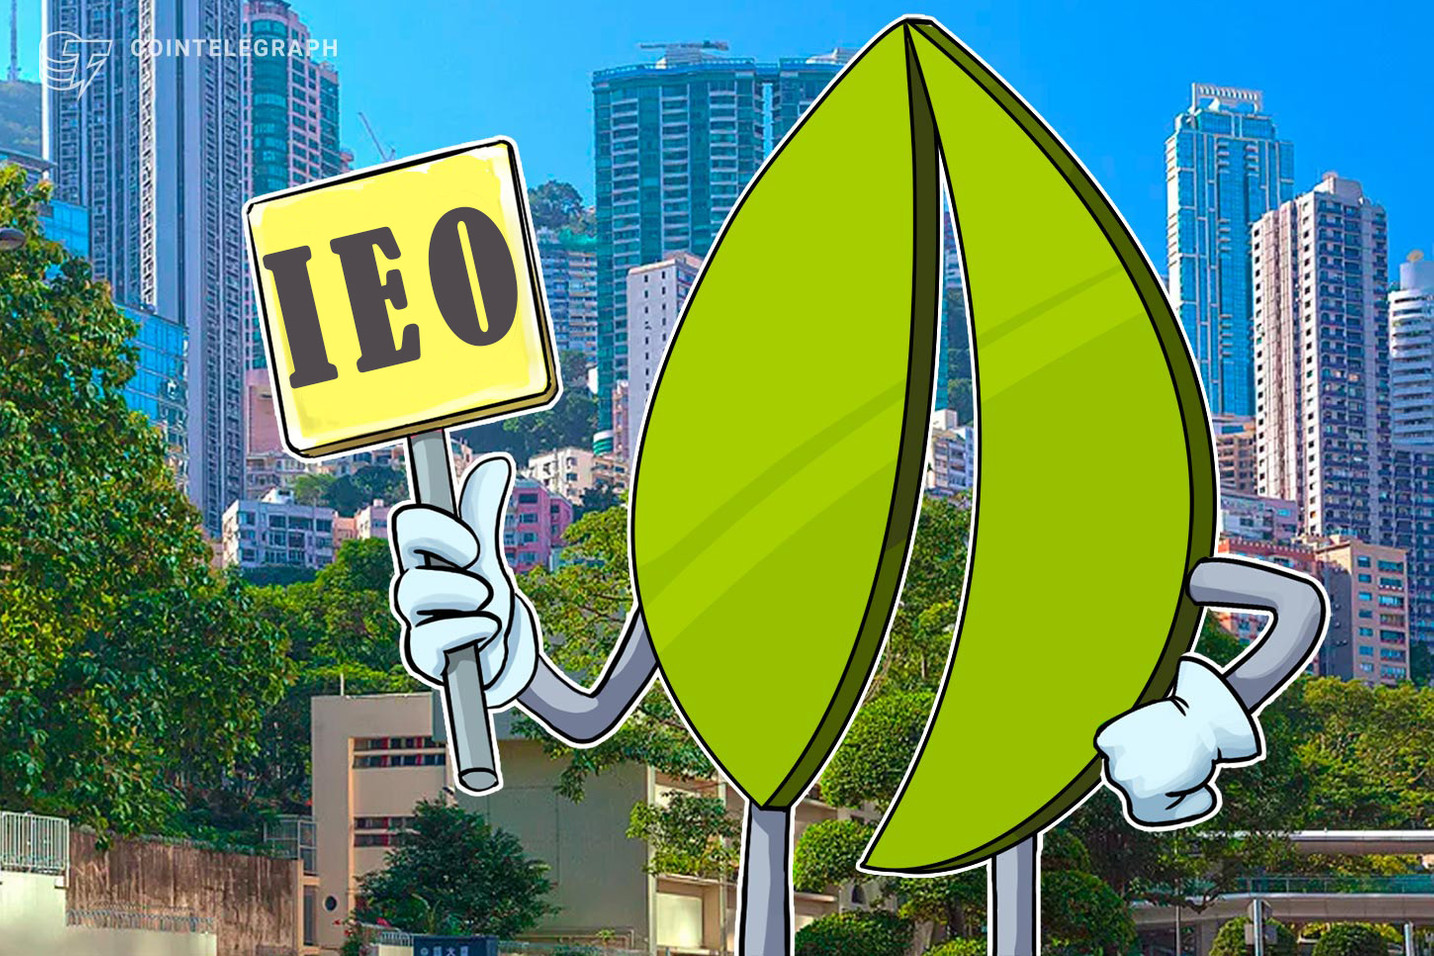 'Documento oficial' da Bitfinex confirma planos para levantar até US$ 1 bilhão na IEO por seu token LEO